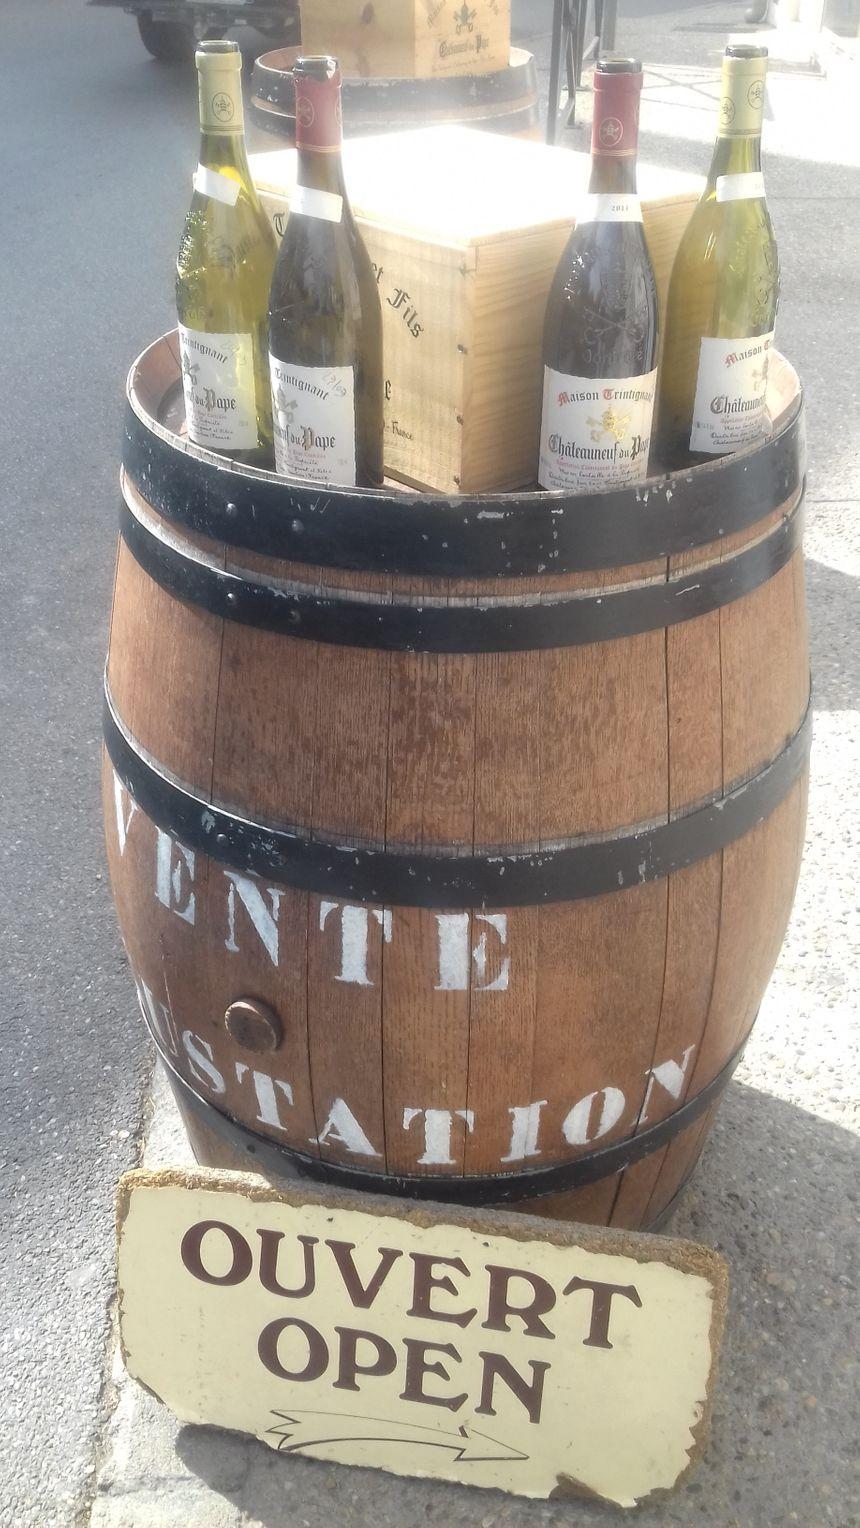 Des bouteilles de Châteauneuf-du-Pape